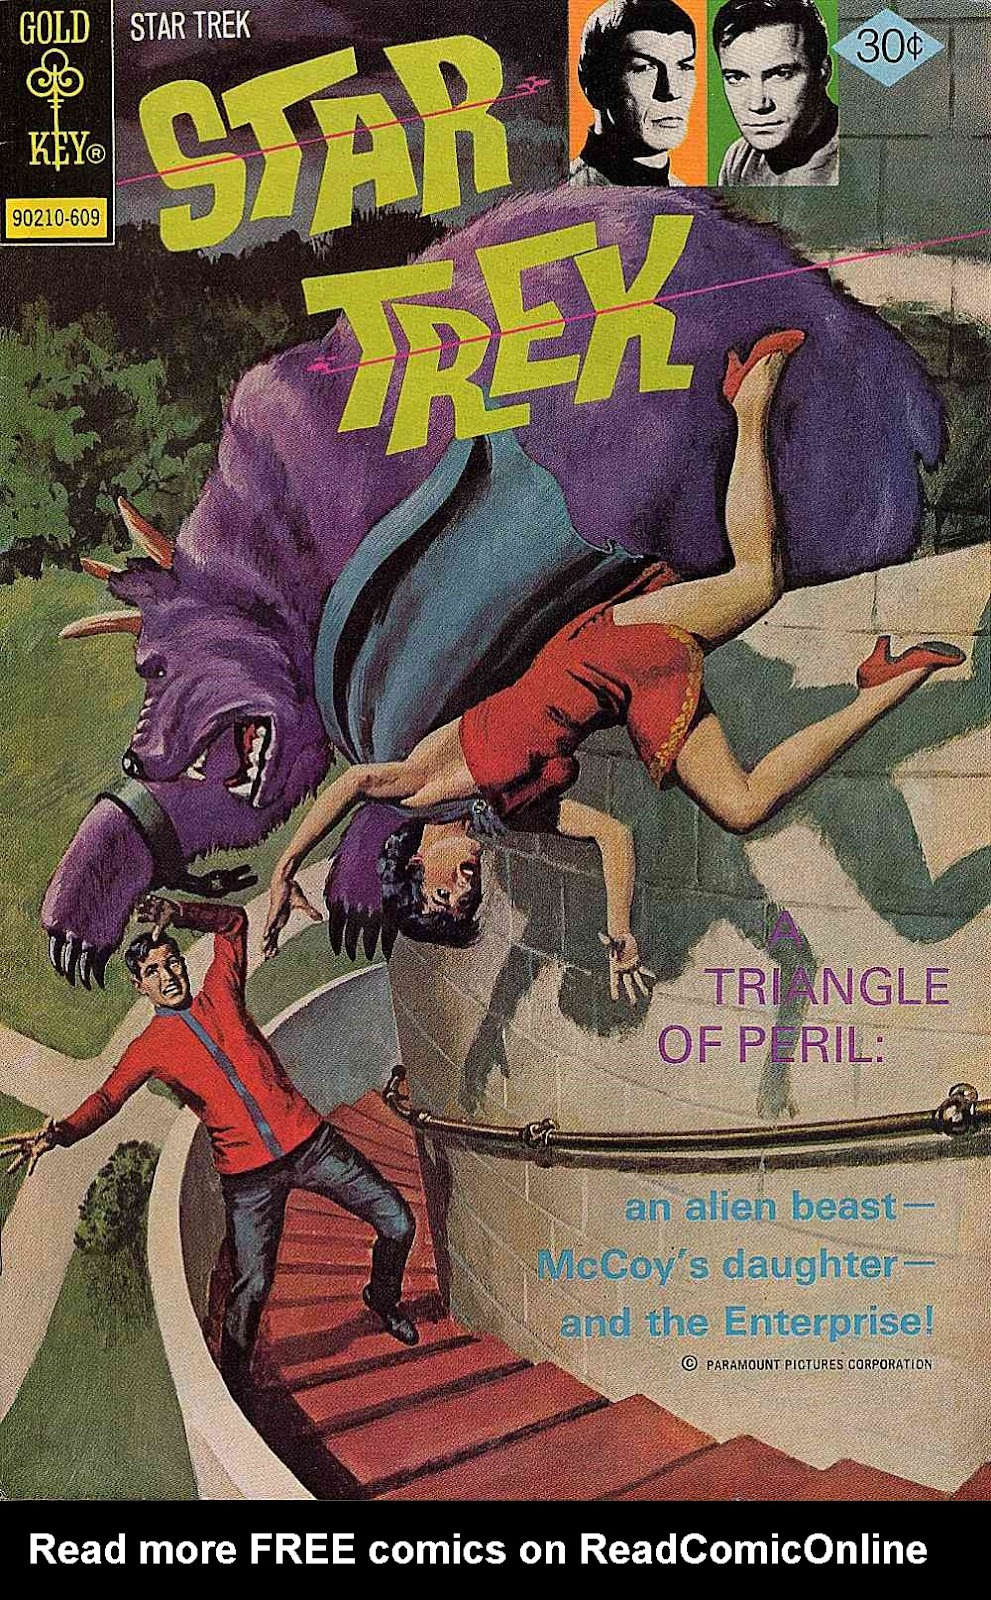 Star Trek (1967) issue 40 - Page 1